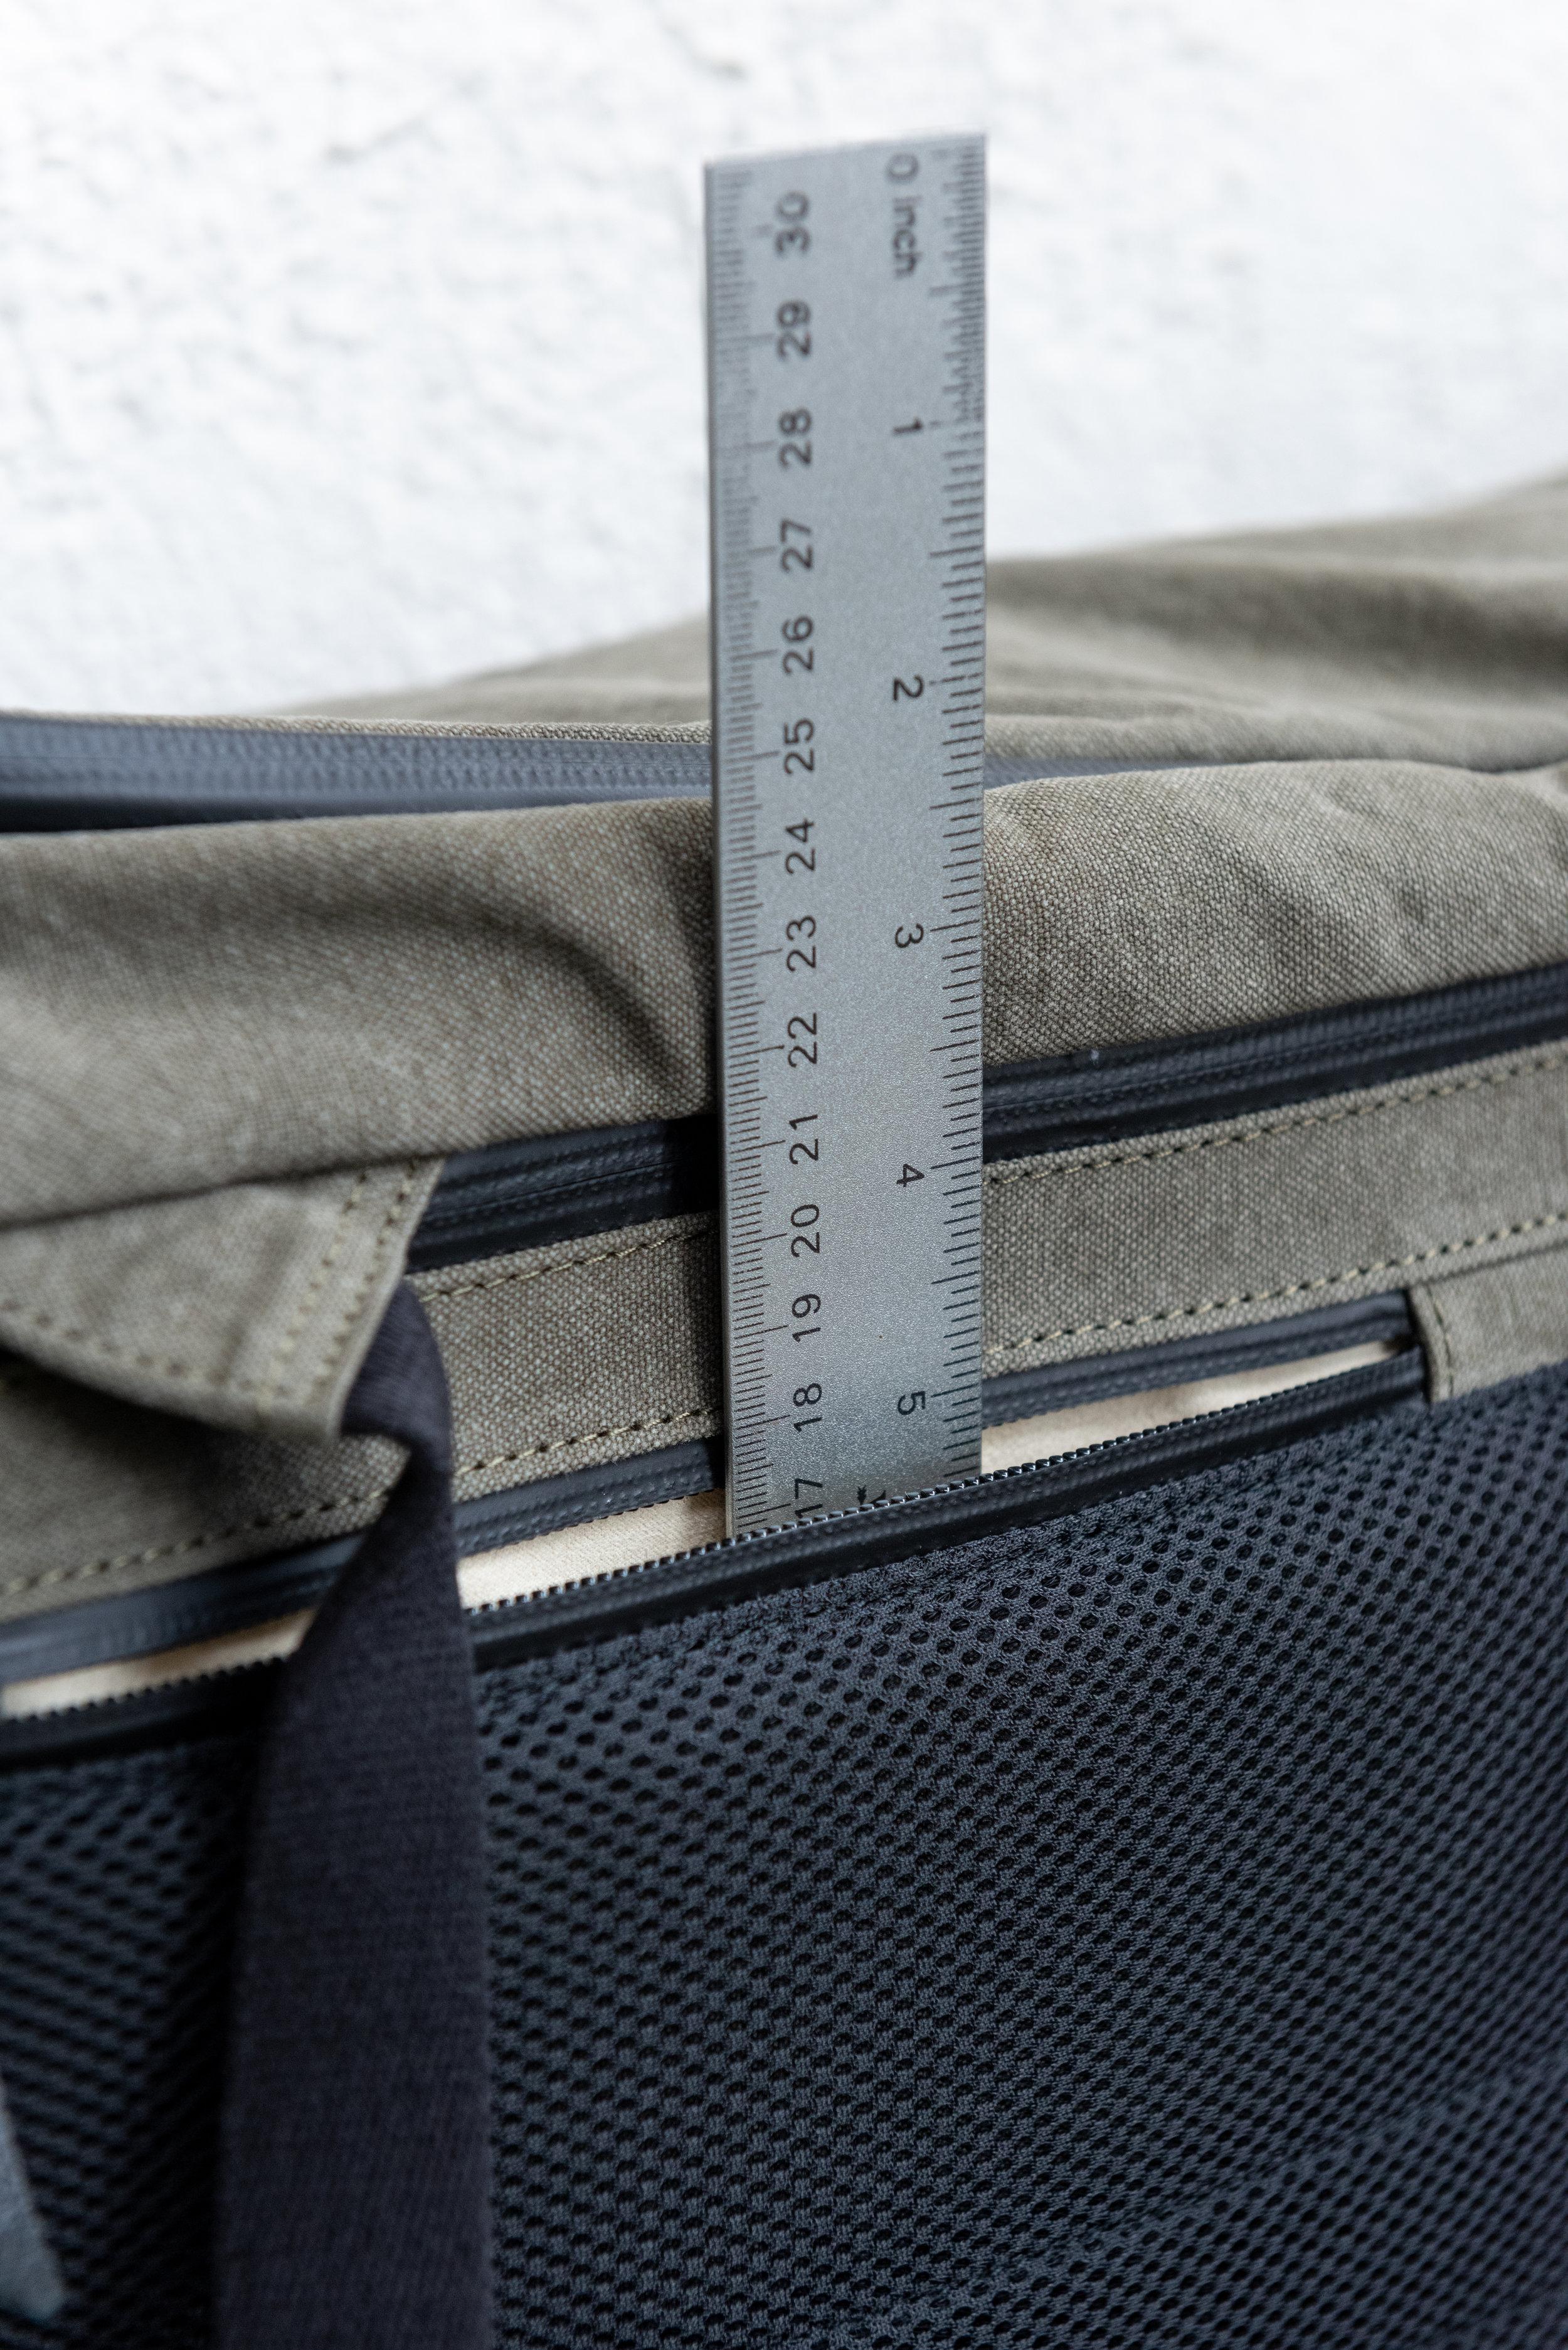 Lower back pocket